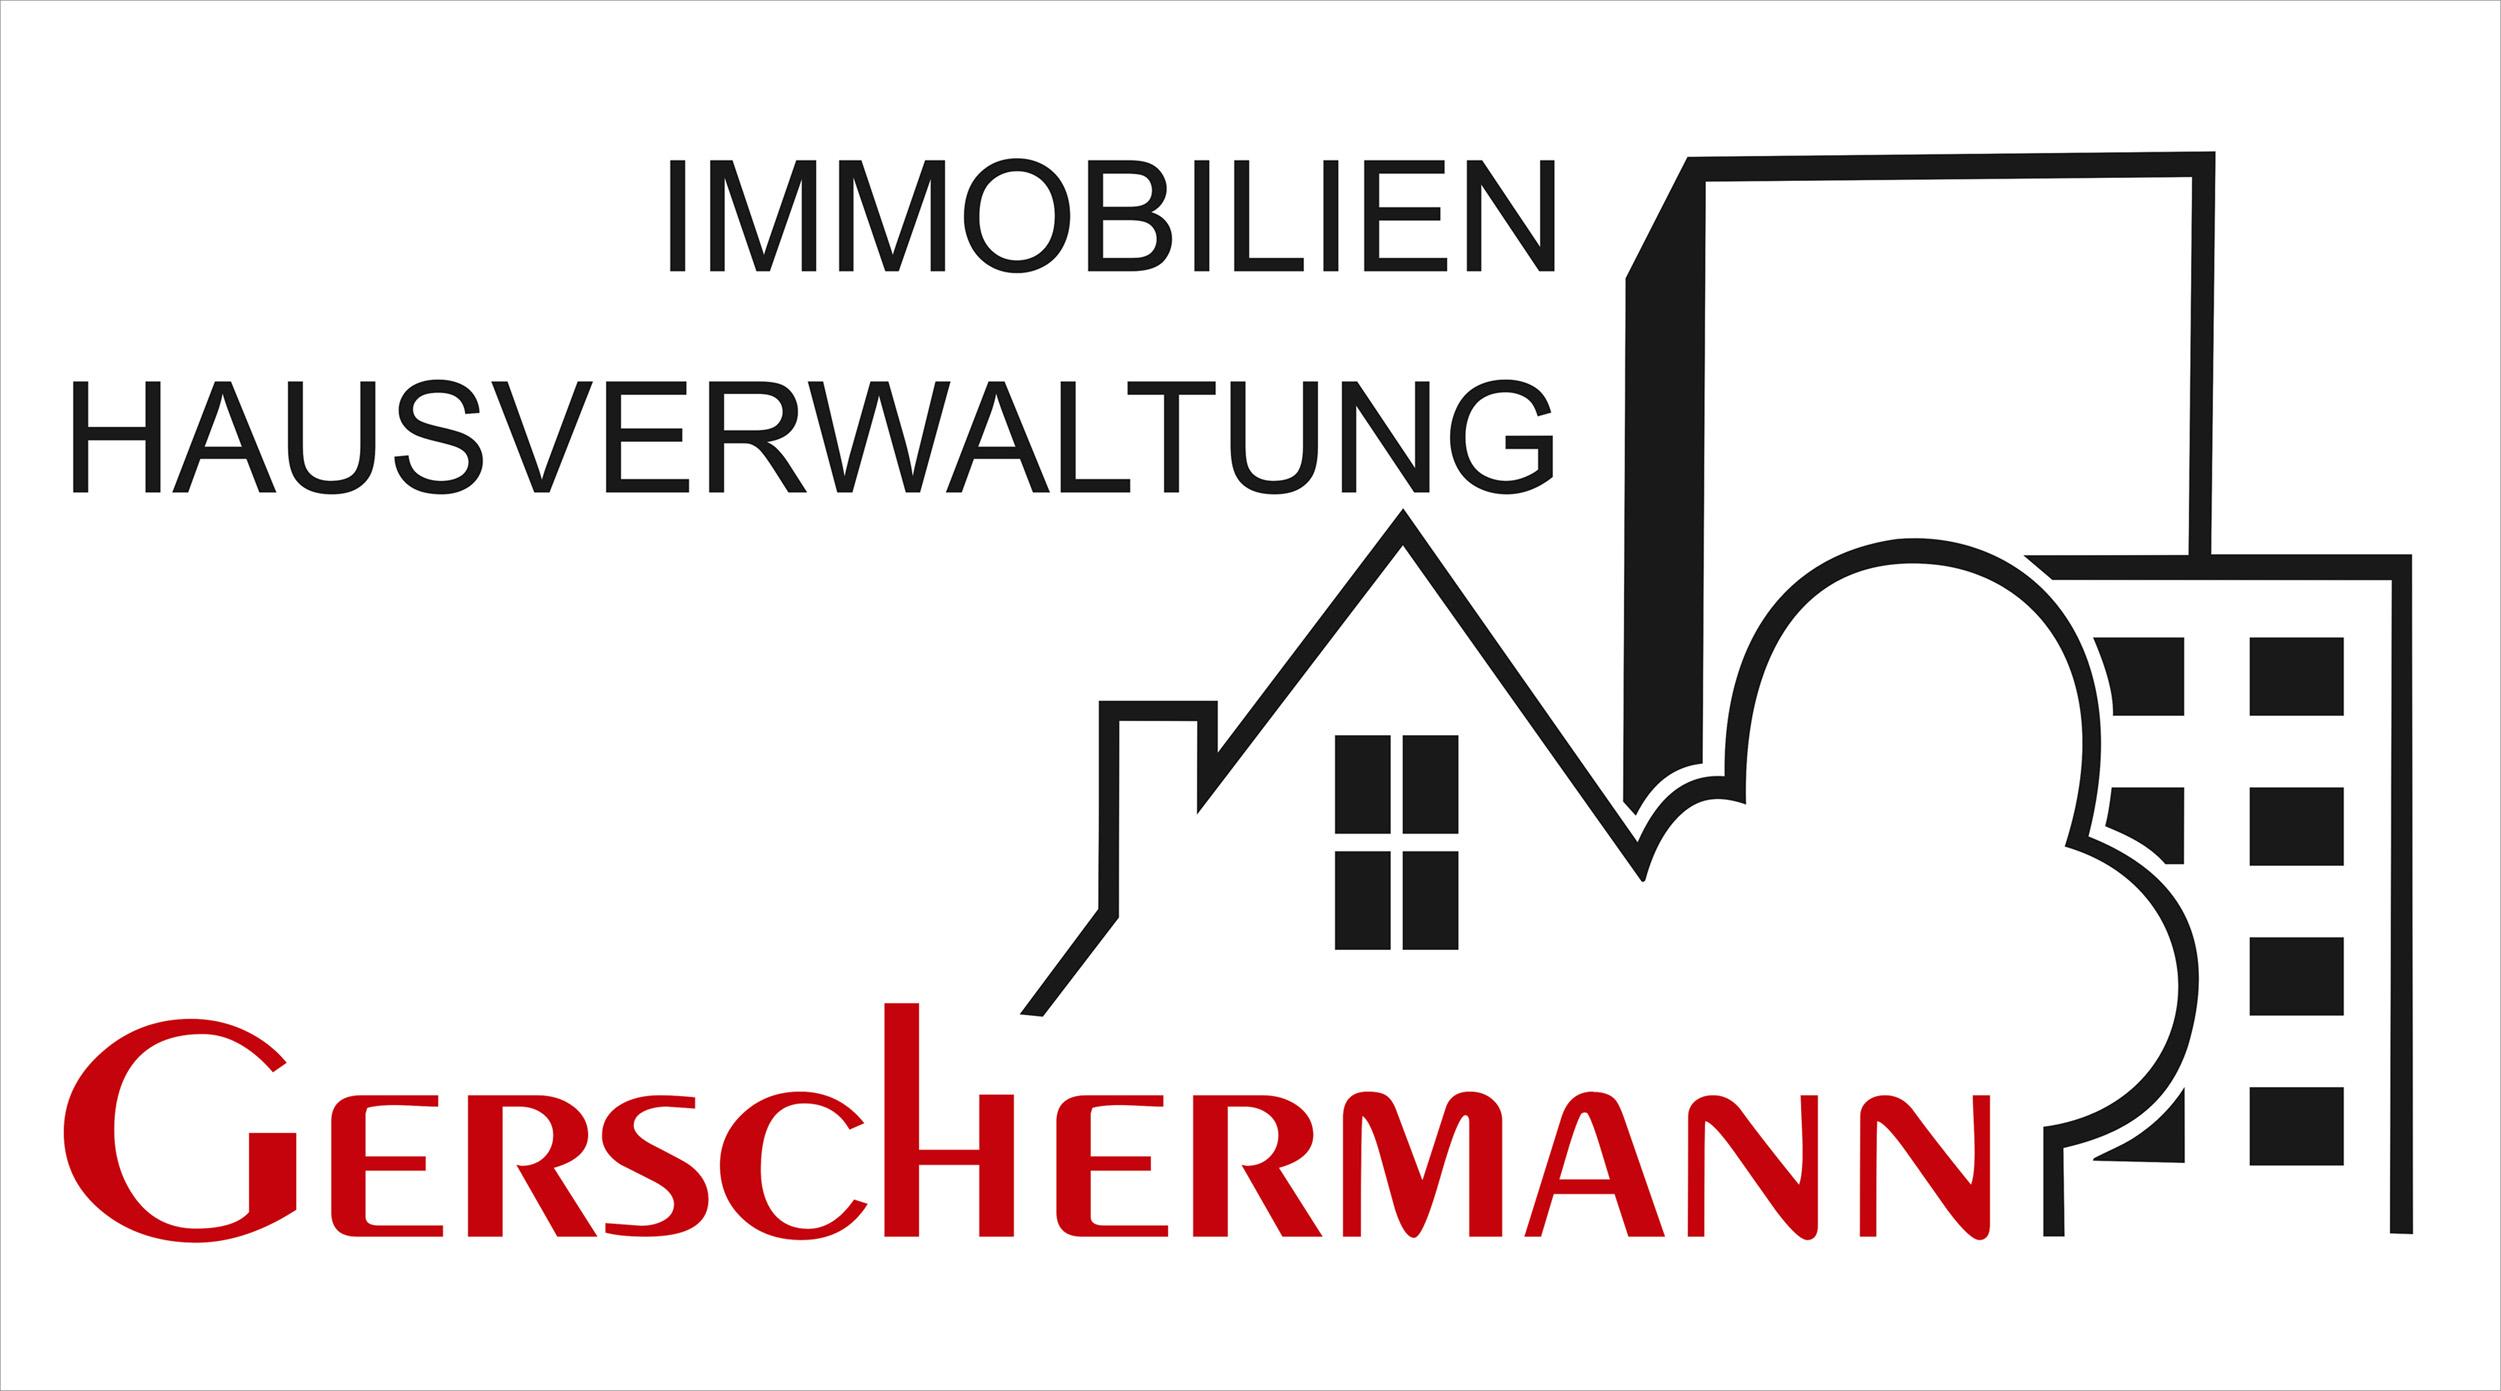 Hier sehen Sie das Logo von Gerschermann Immobilien seit 1979